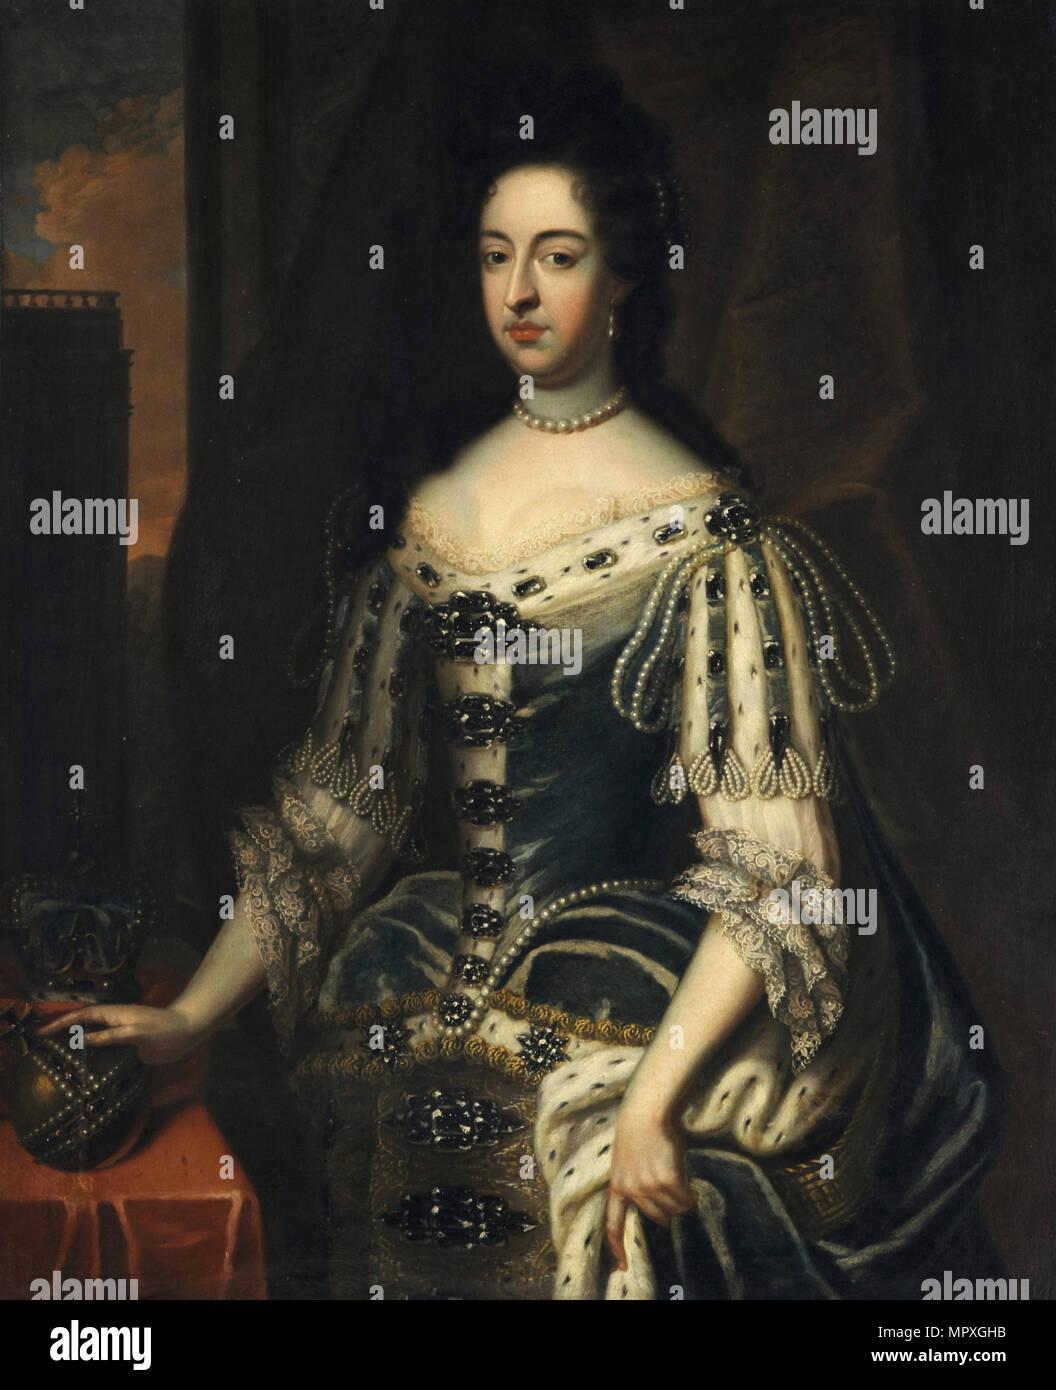 Portrait of Mary II of England (1662-1694). - Stock Image